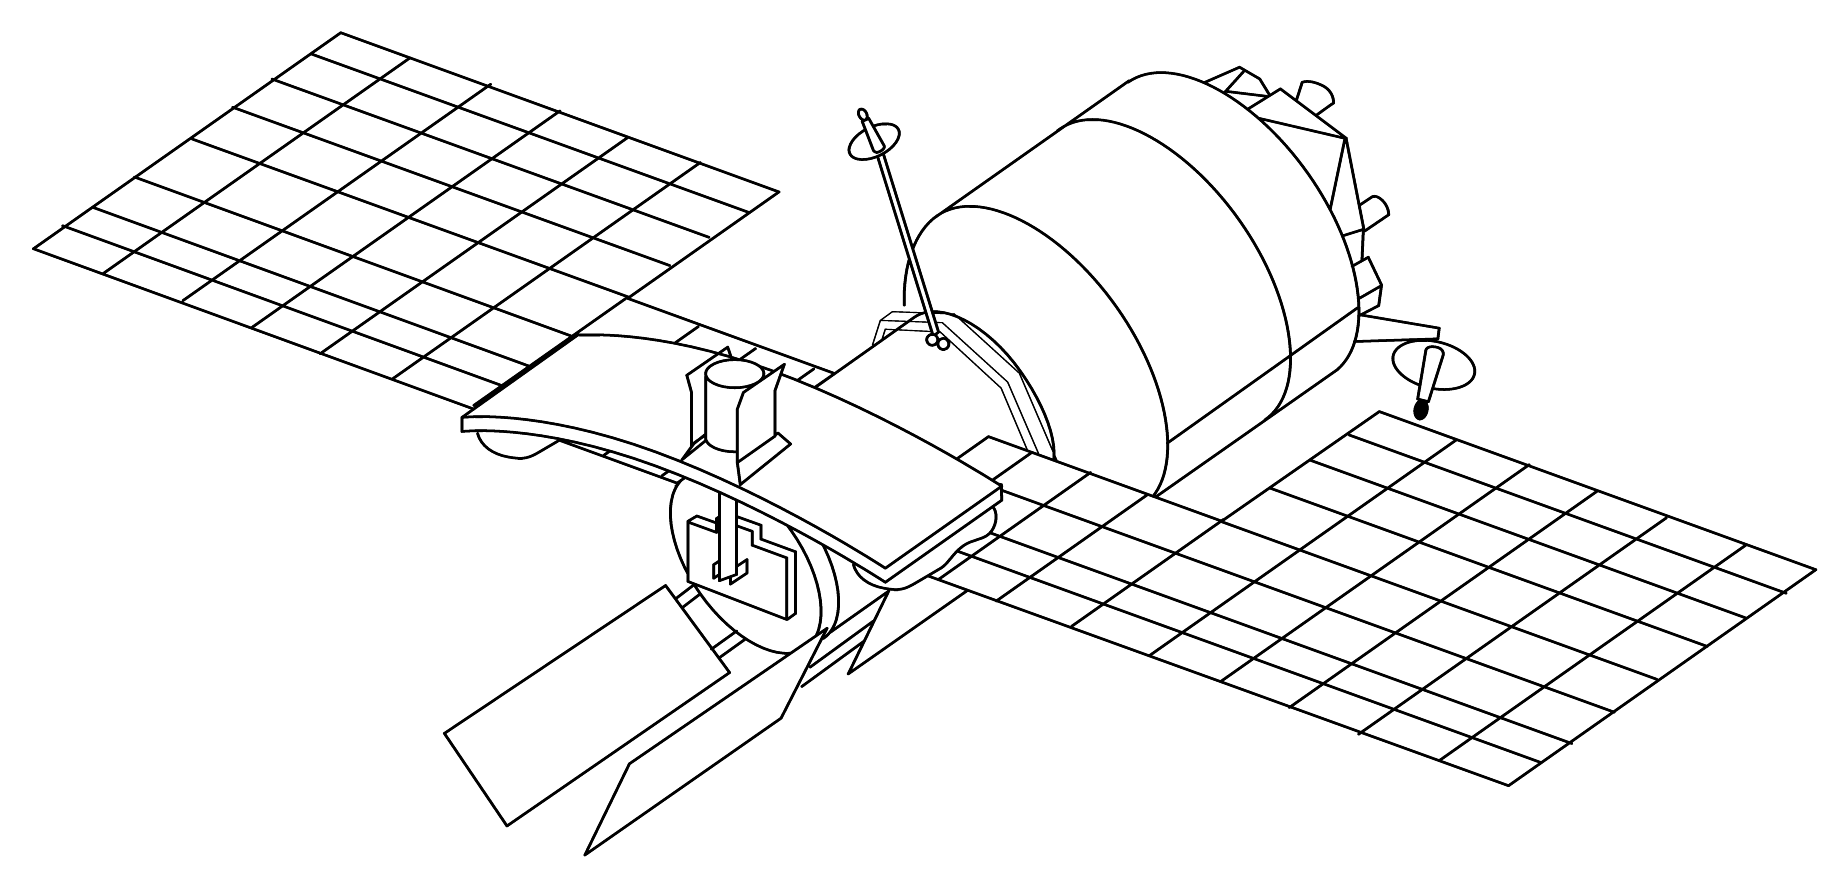 File:Almaz radar satellite.png - Wikimedia Commons